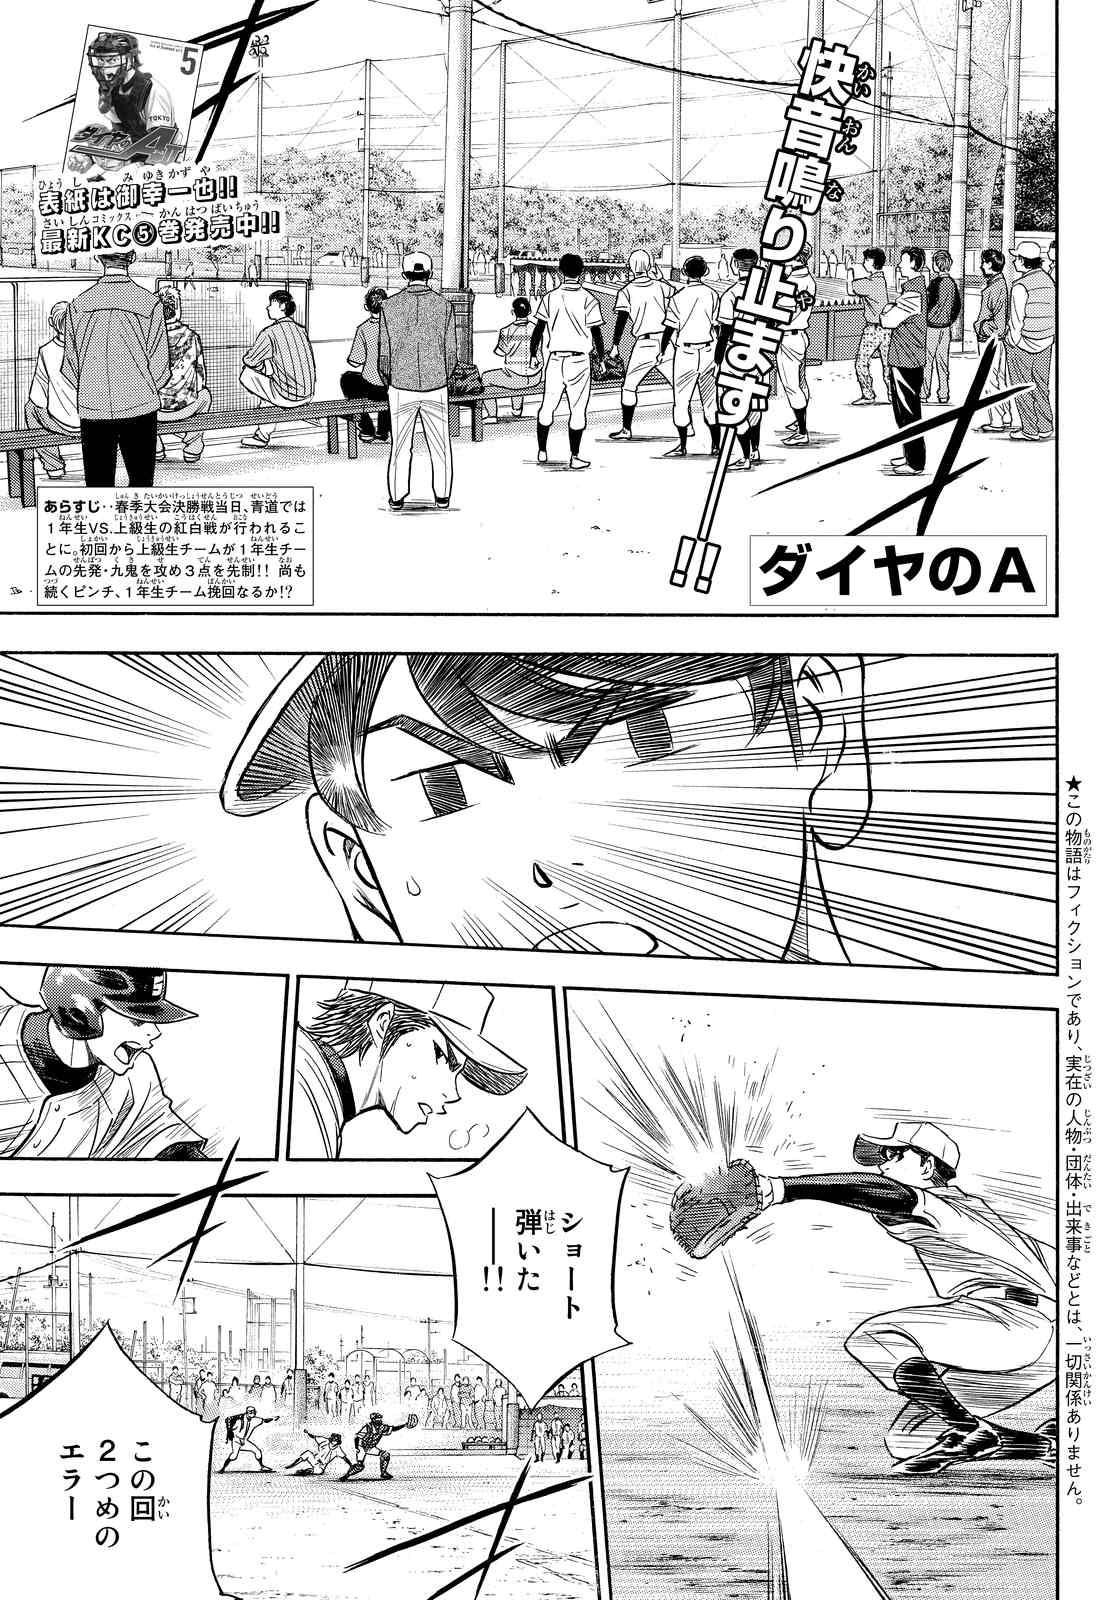 Daiya no A Act II - Chapter 054 - Page 1